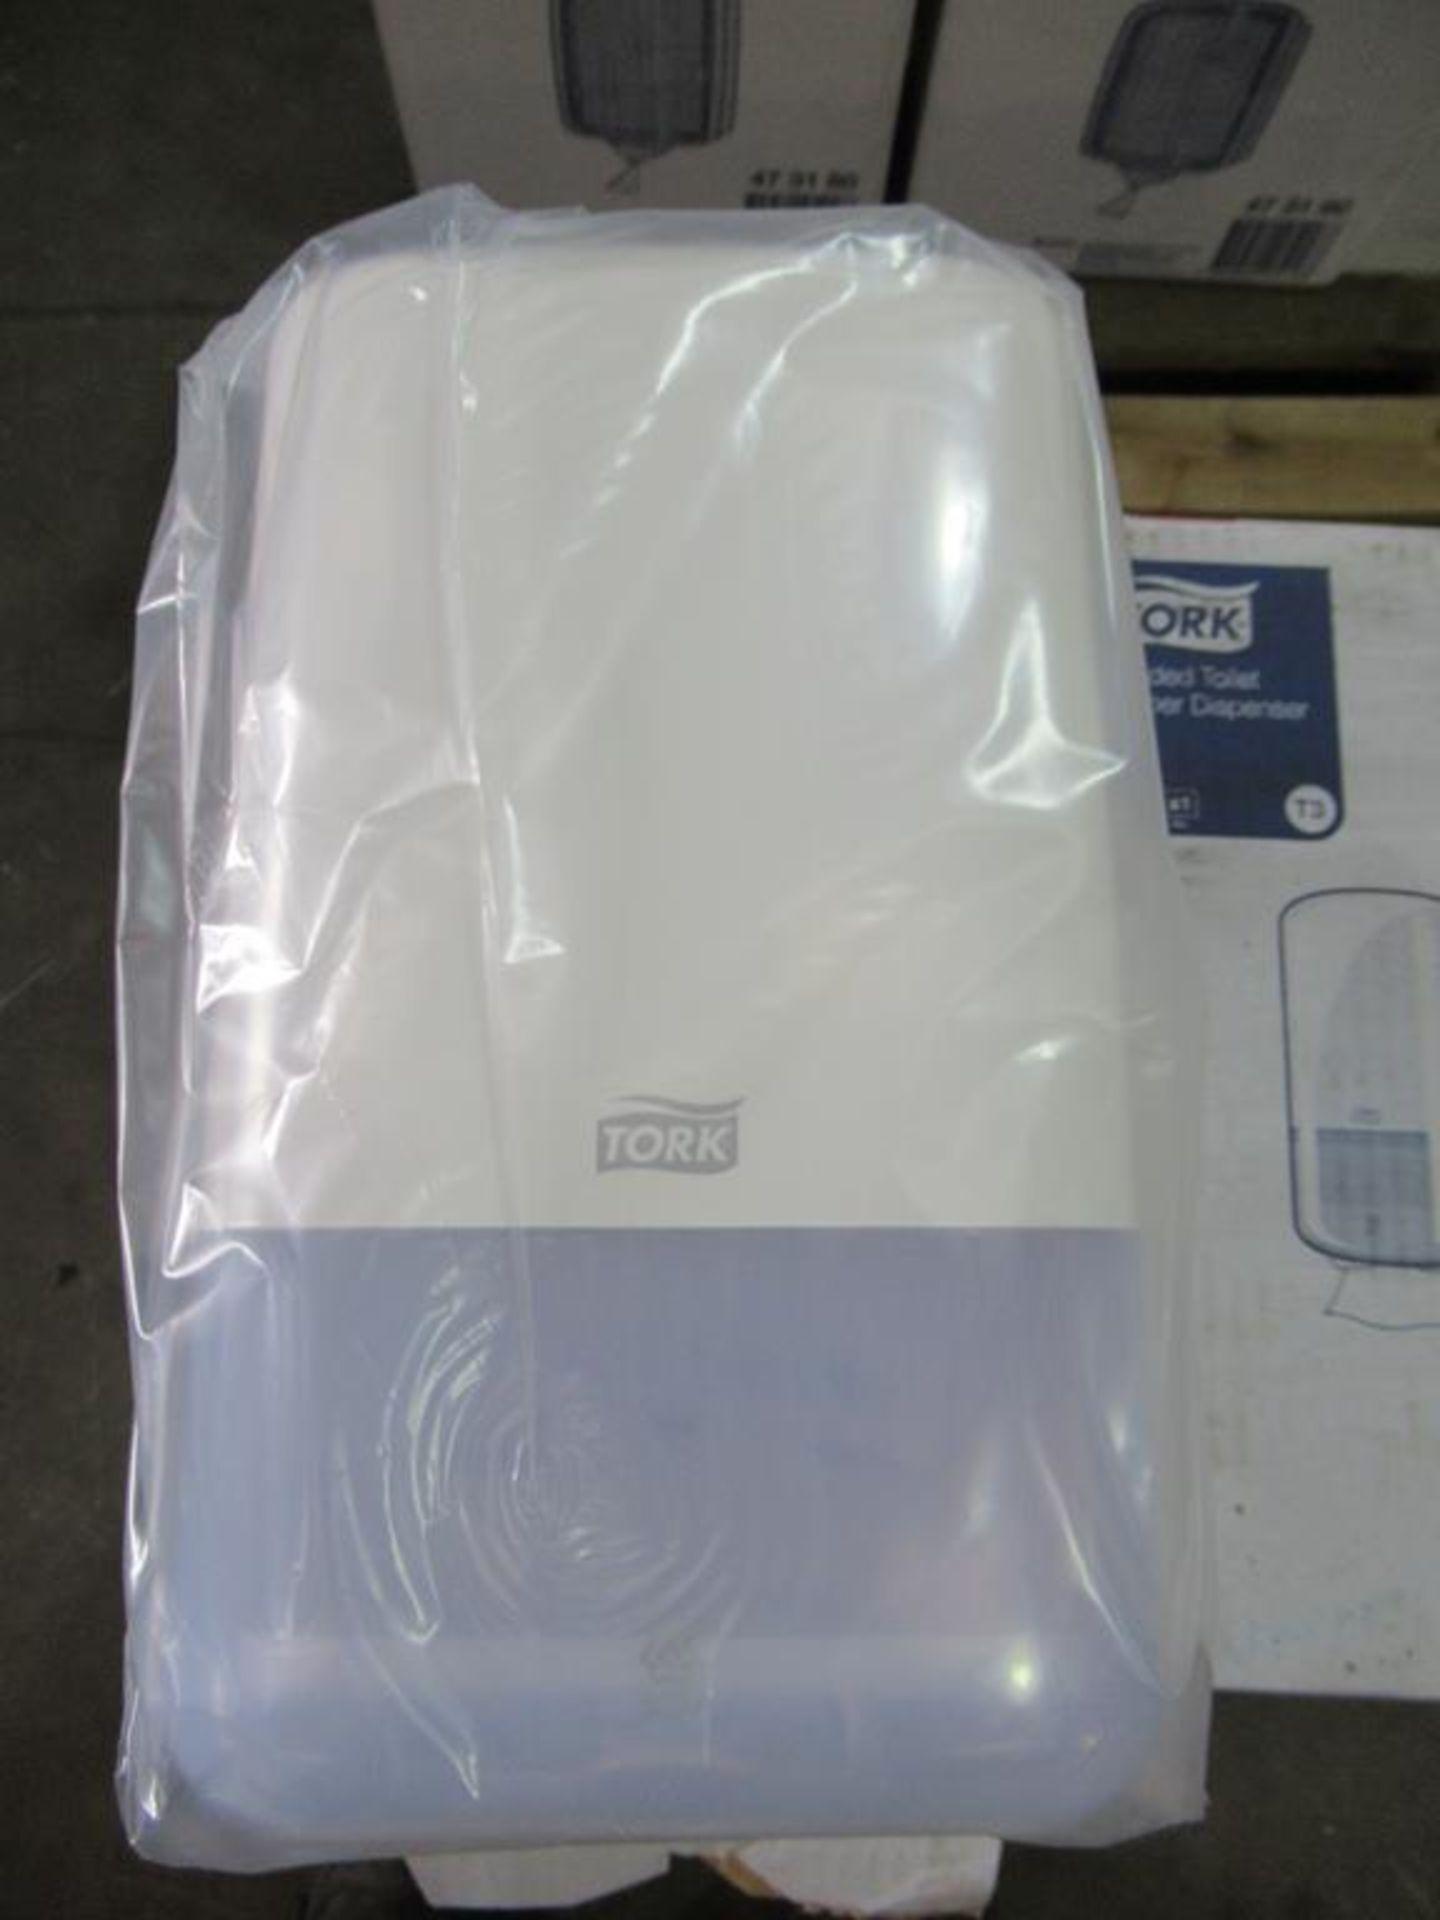 19 x Tork T3 New Folded Toilet Tissue Dispensers - Image 2 of 5